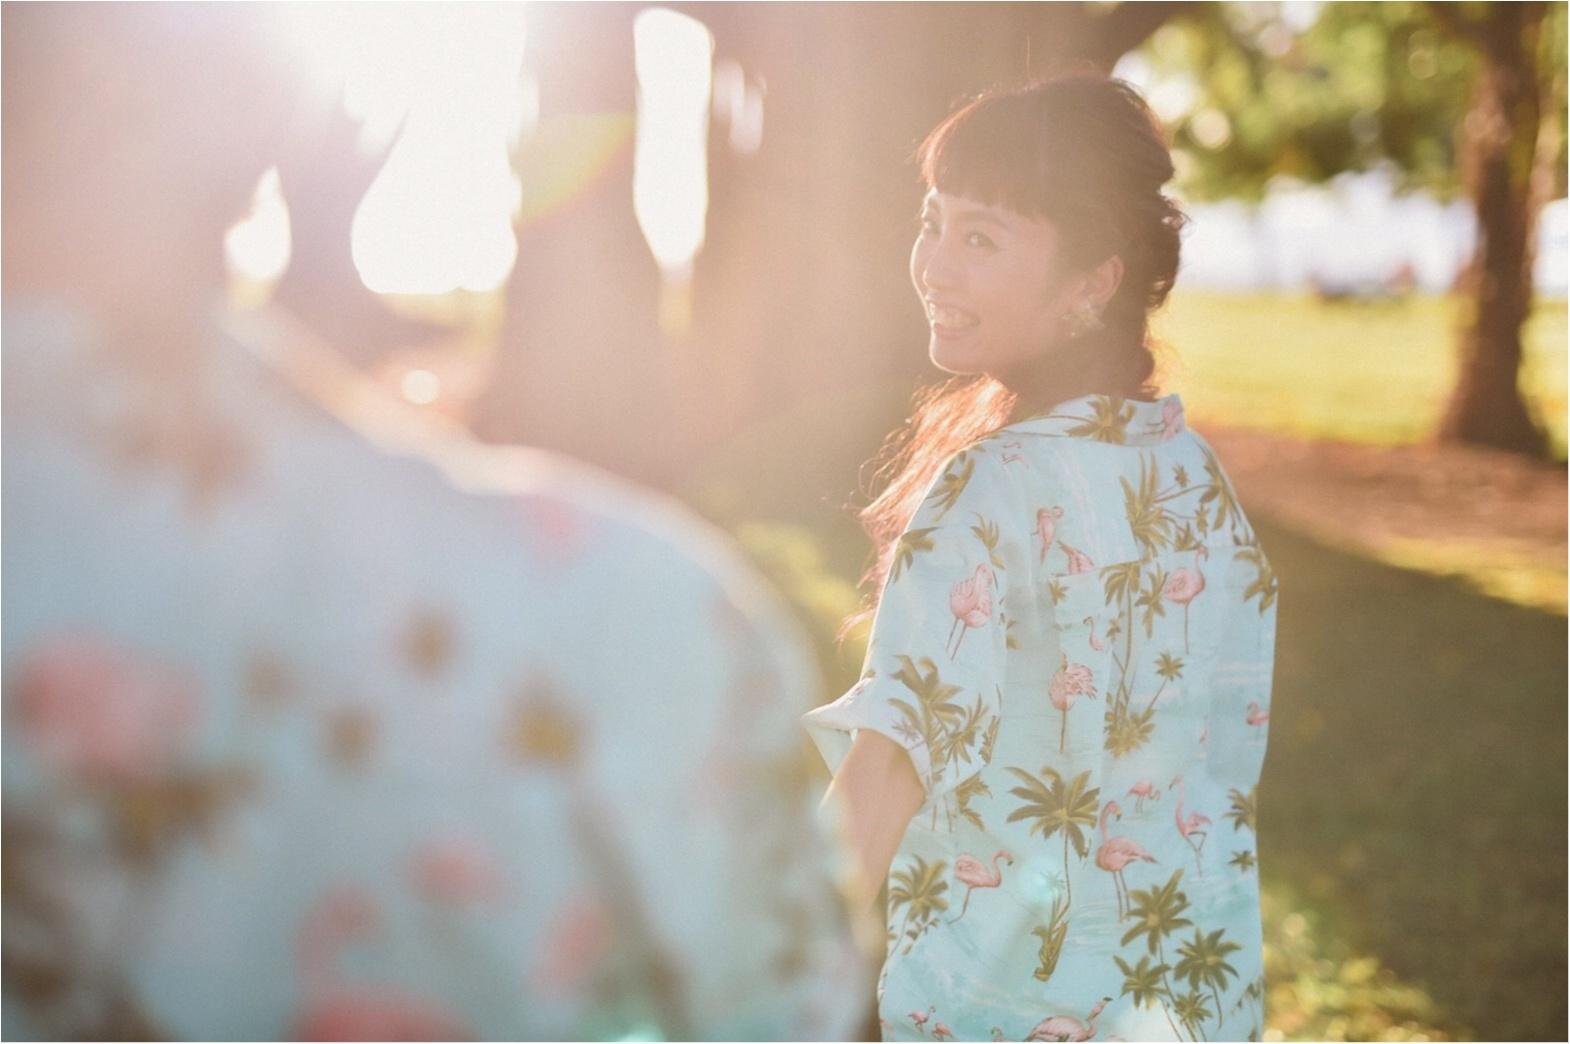 【プレ花嫁さん必見】ハワイでウェディングフォト撮影-SNS映えもバッチリのサンセットおすすめスポット編-_3